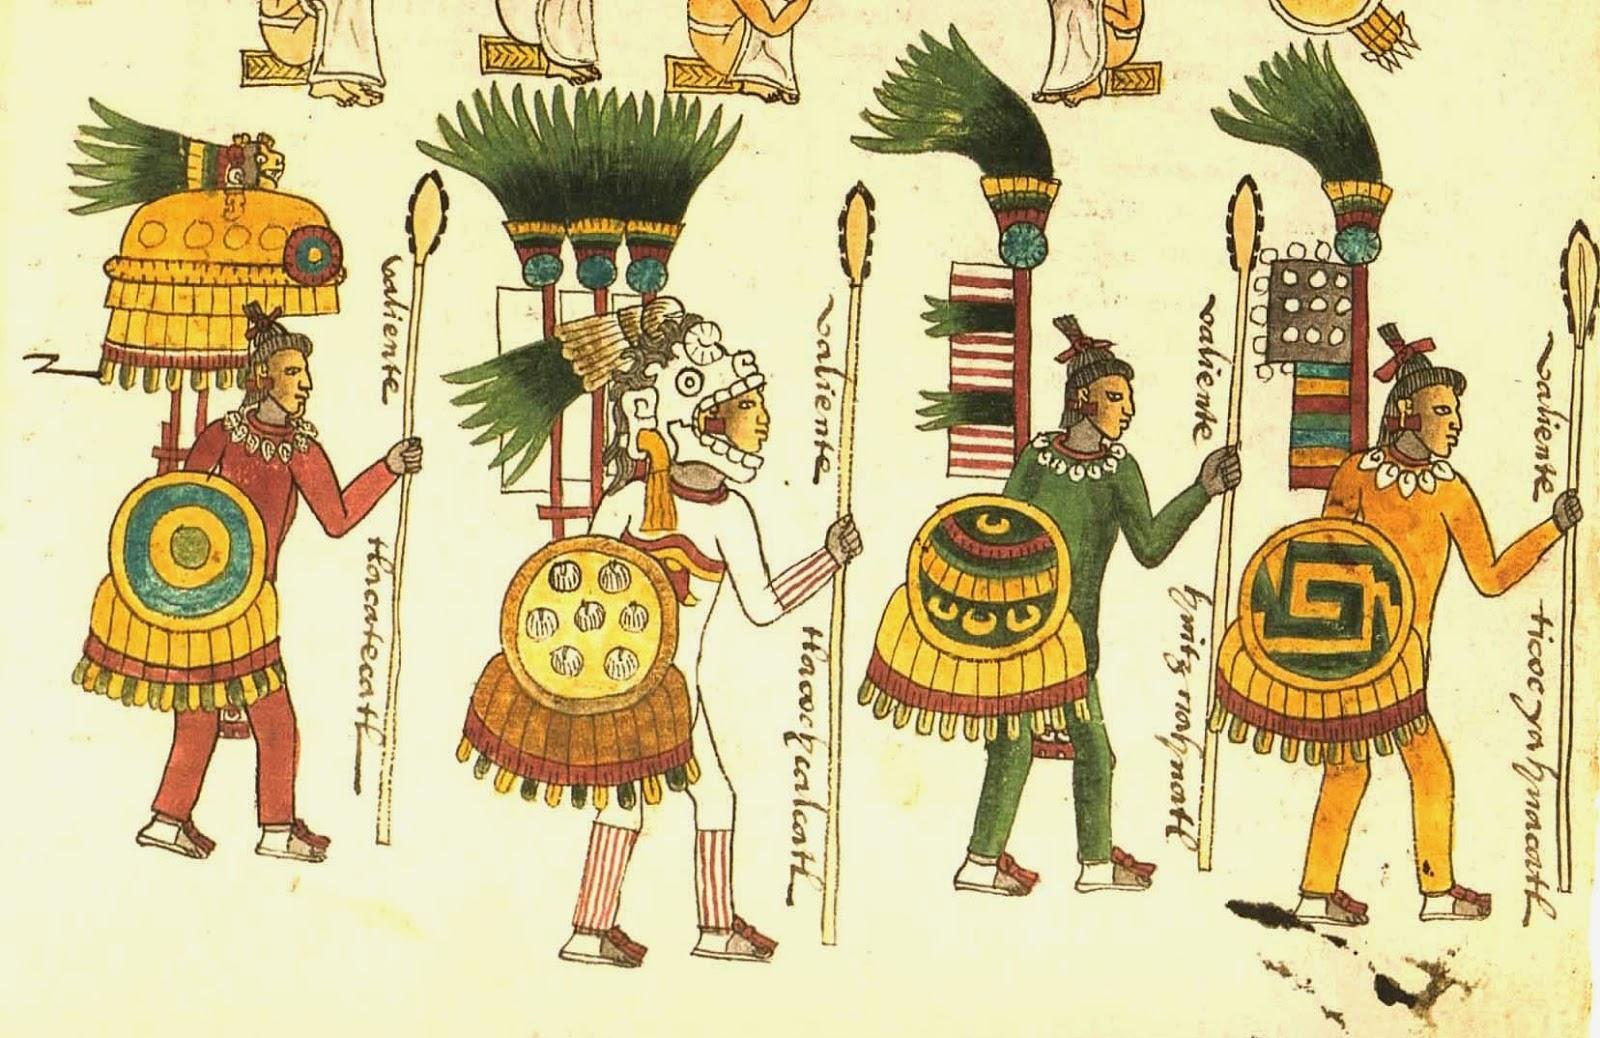 guerreros aztecas según el códice mendoza guerrero jaguar según el ...